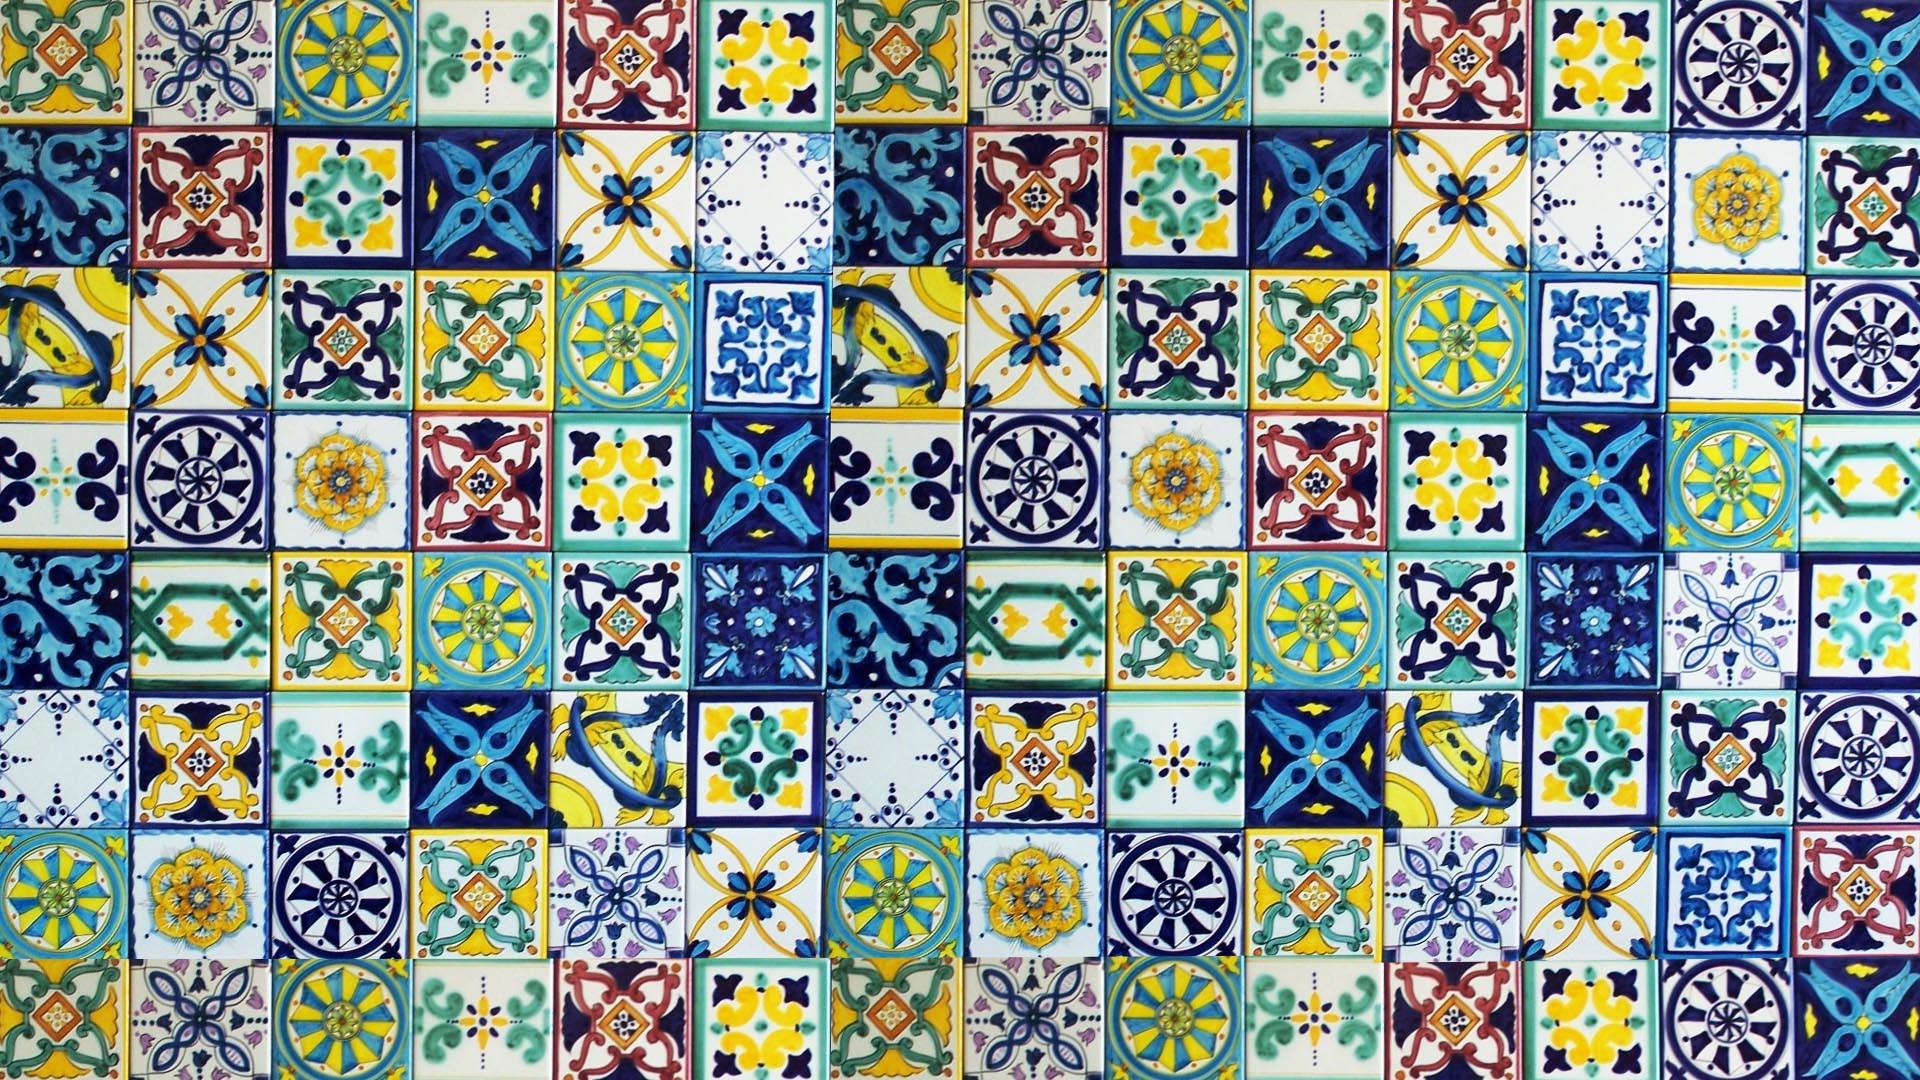 La storia della ceramica  Thesignofcolor